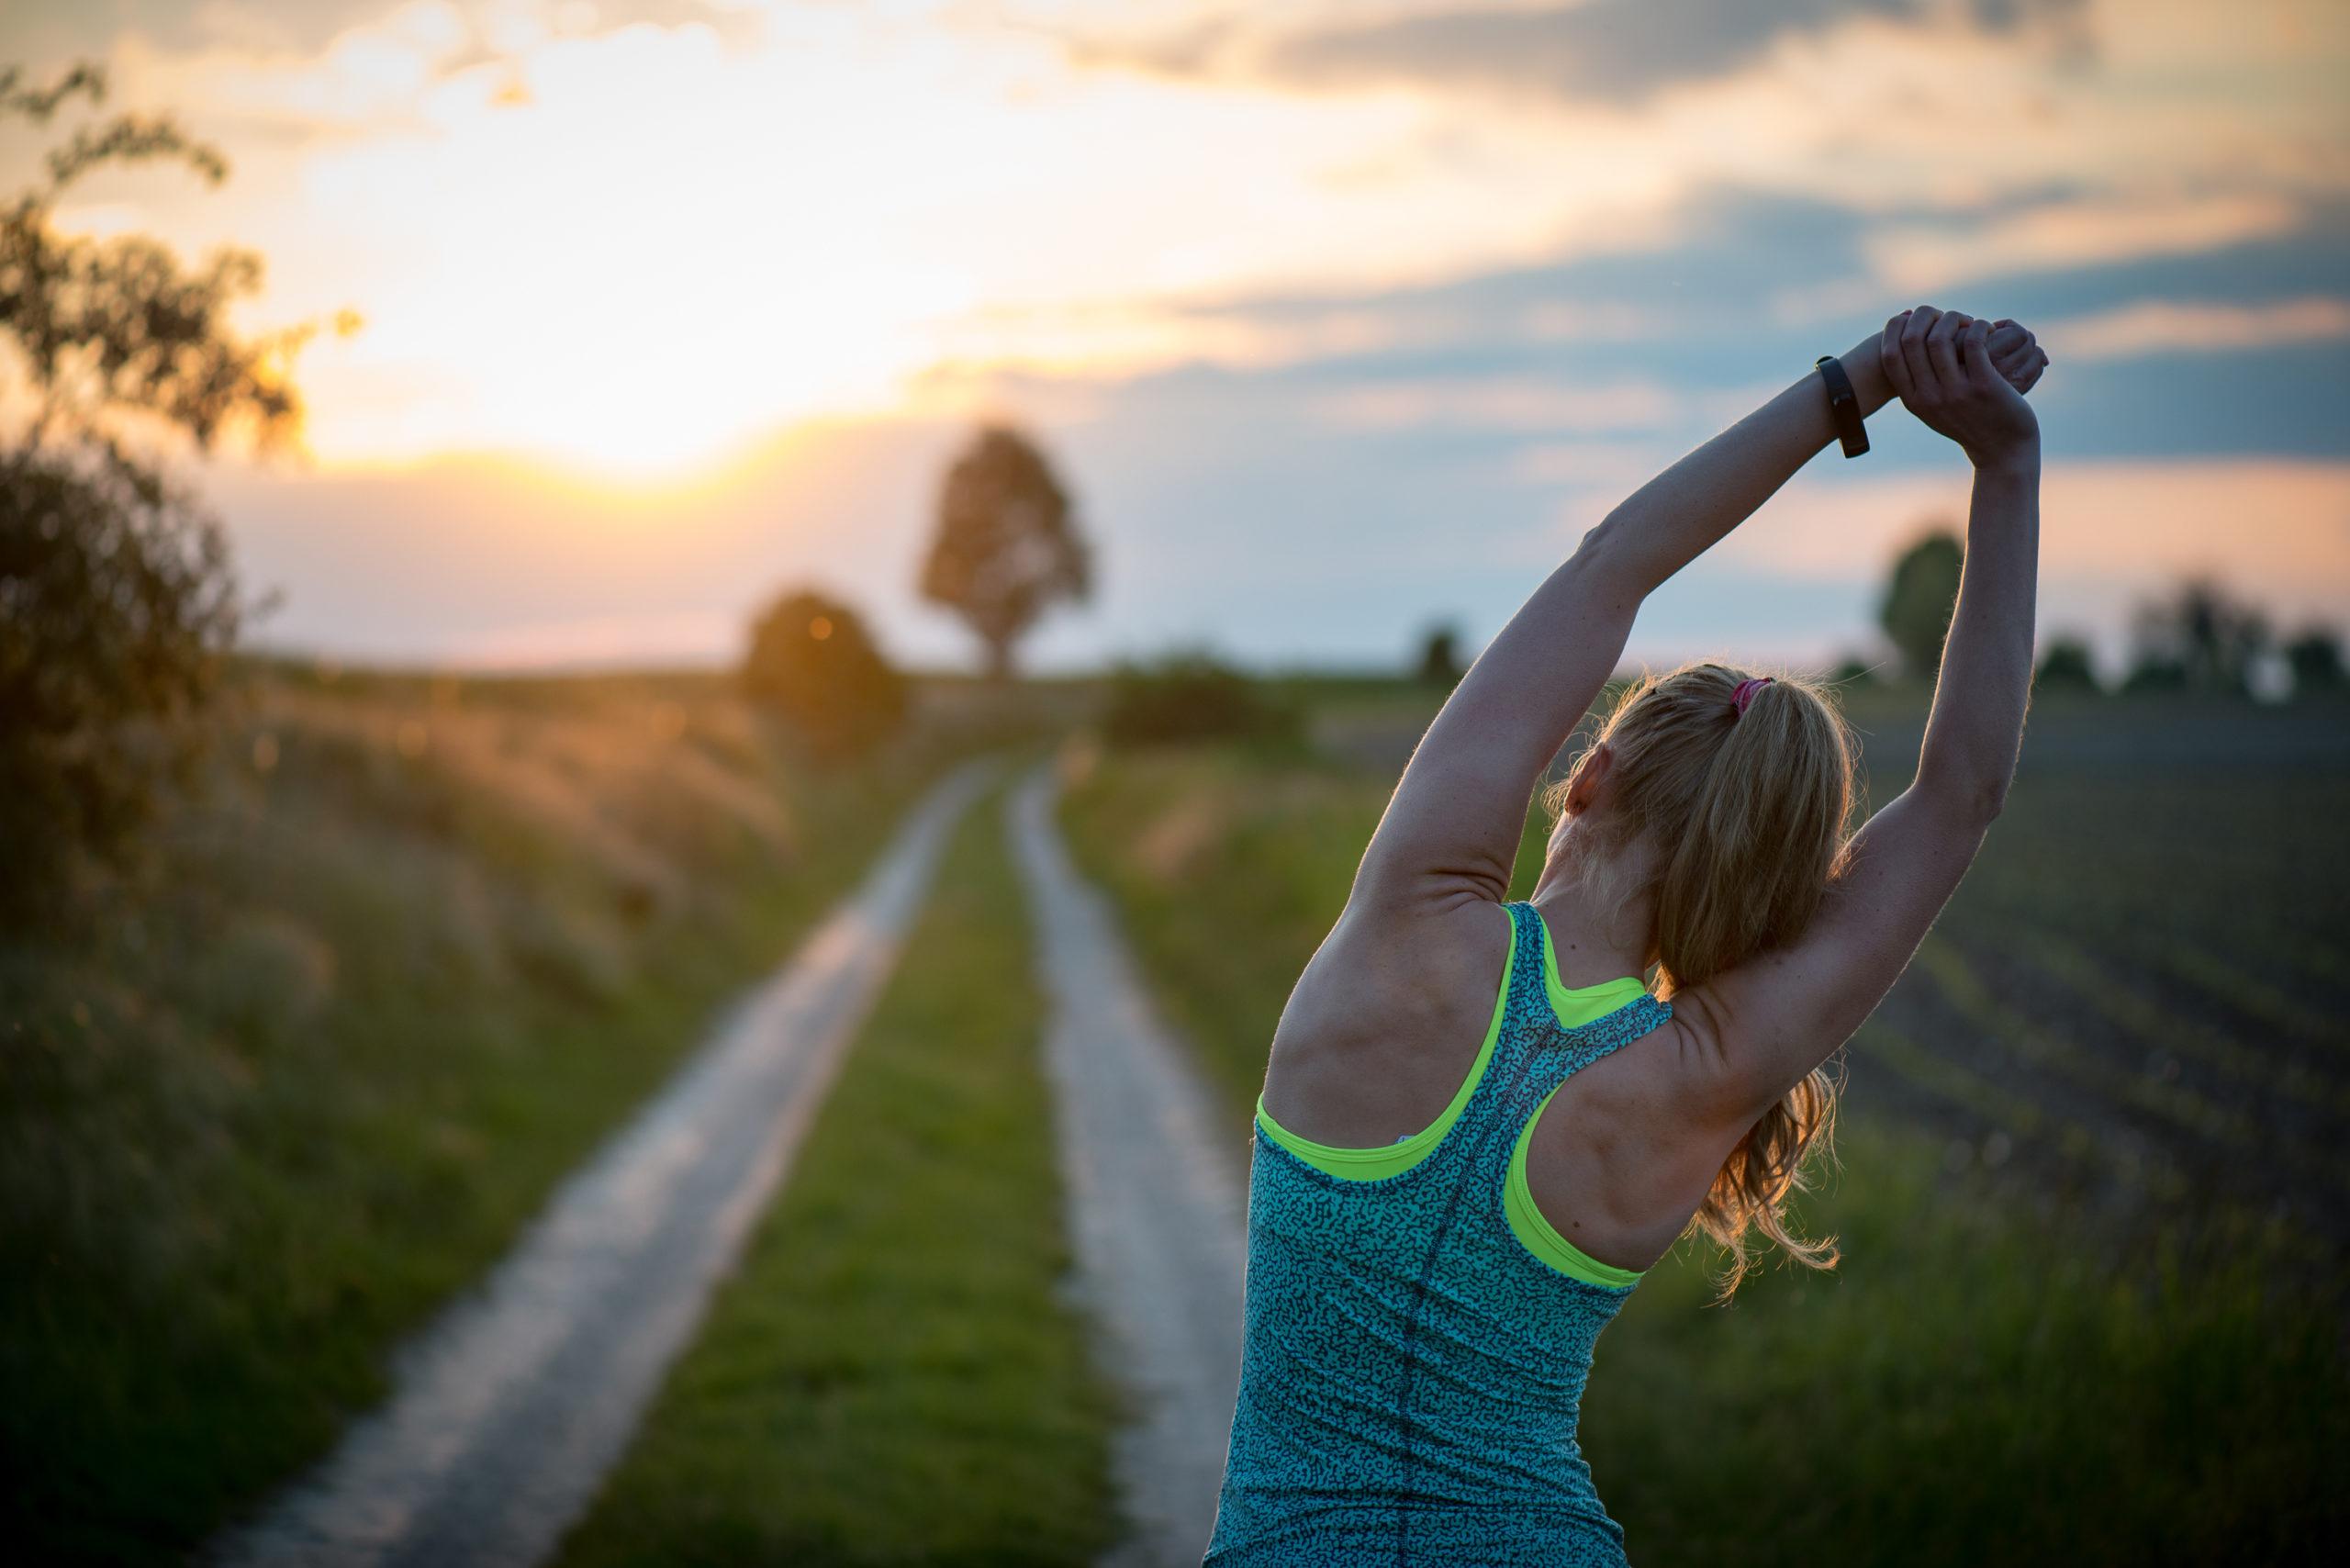 Mit Fitnessübungen gegen die Frühjahrsmüdigkeit